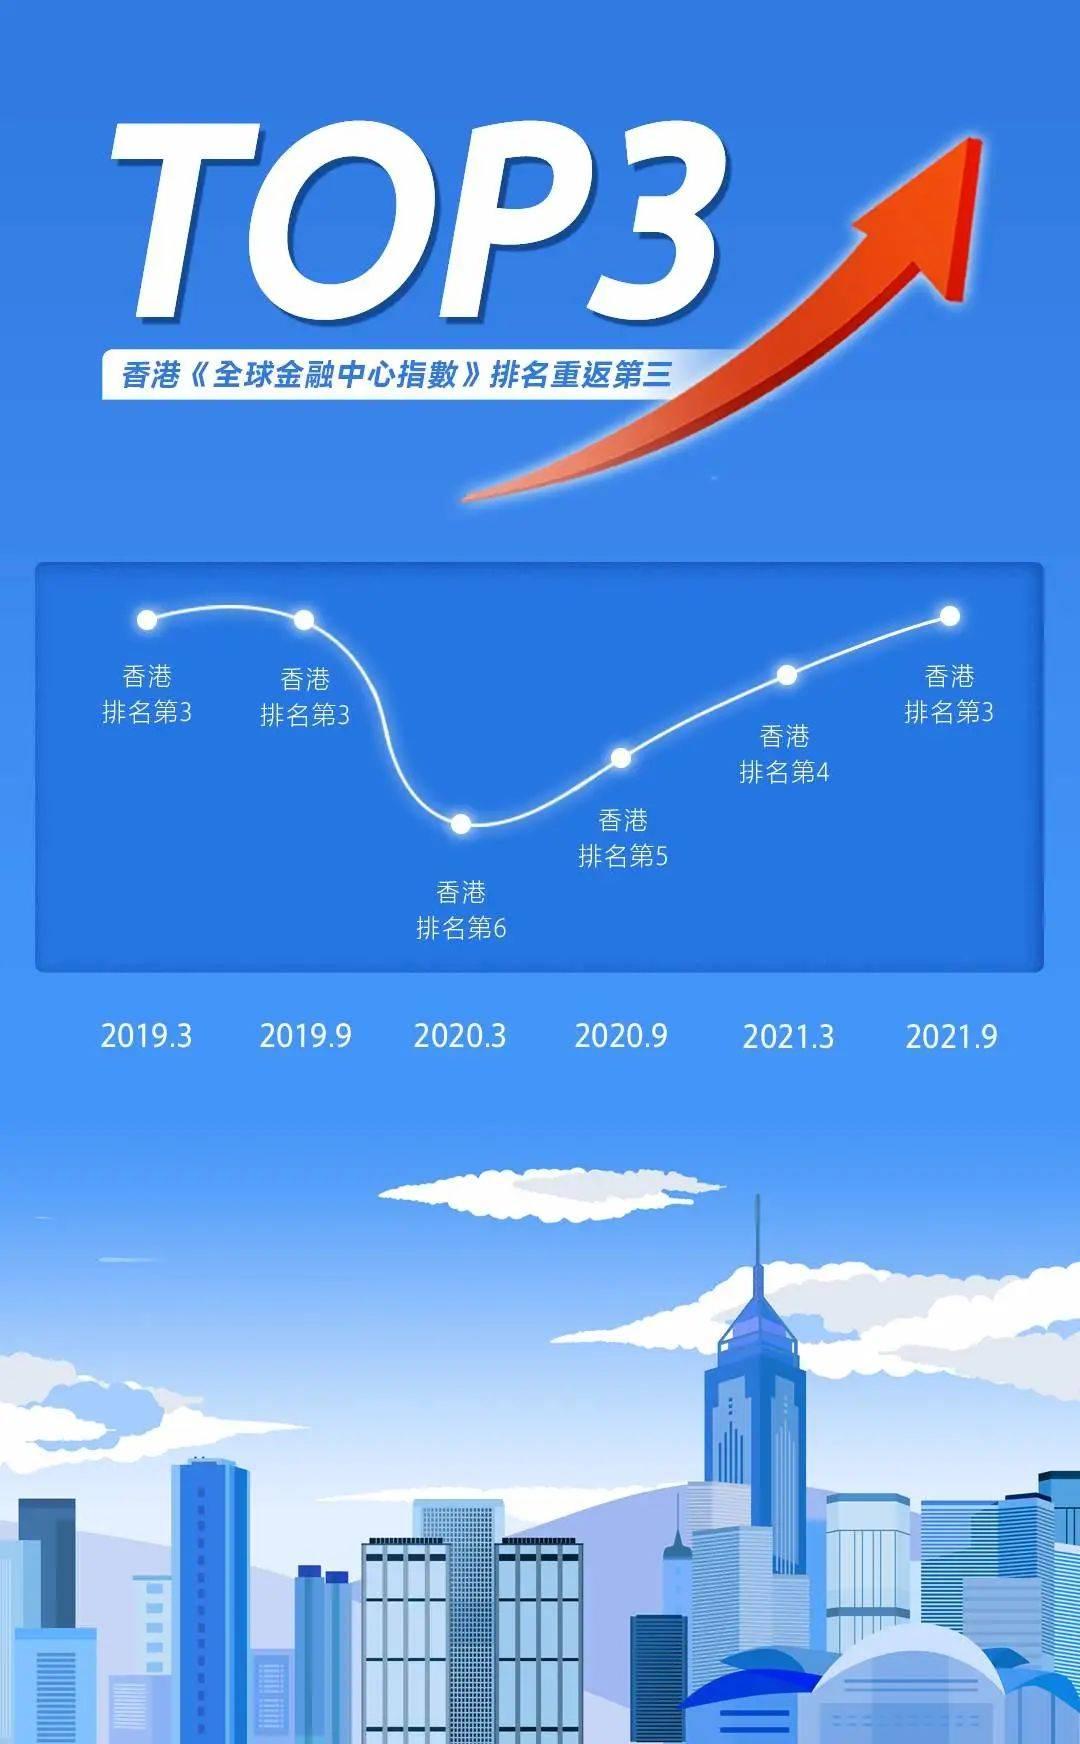 人民锐见:香港这个U型曲线说明了什么